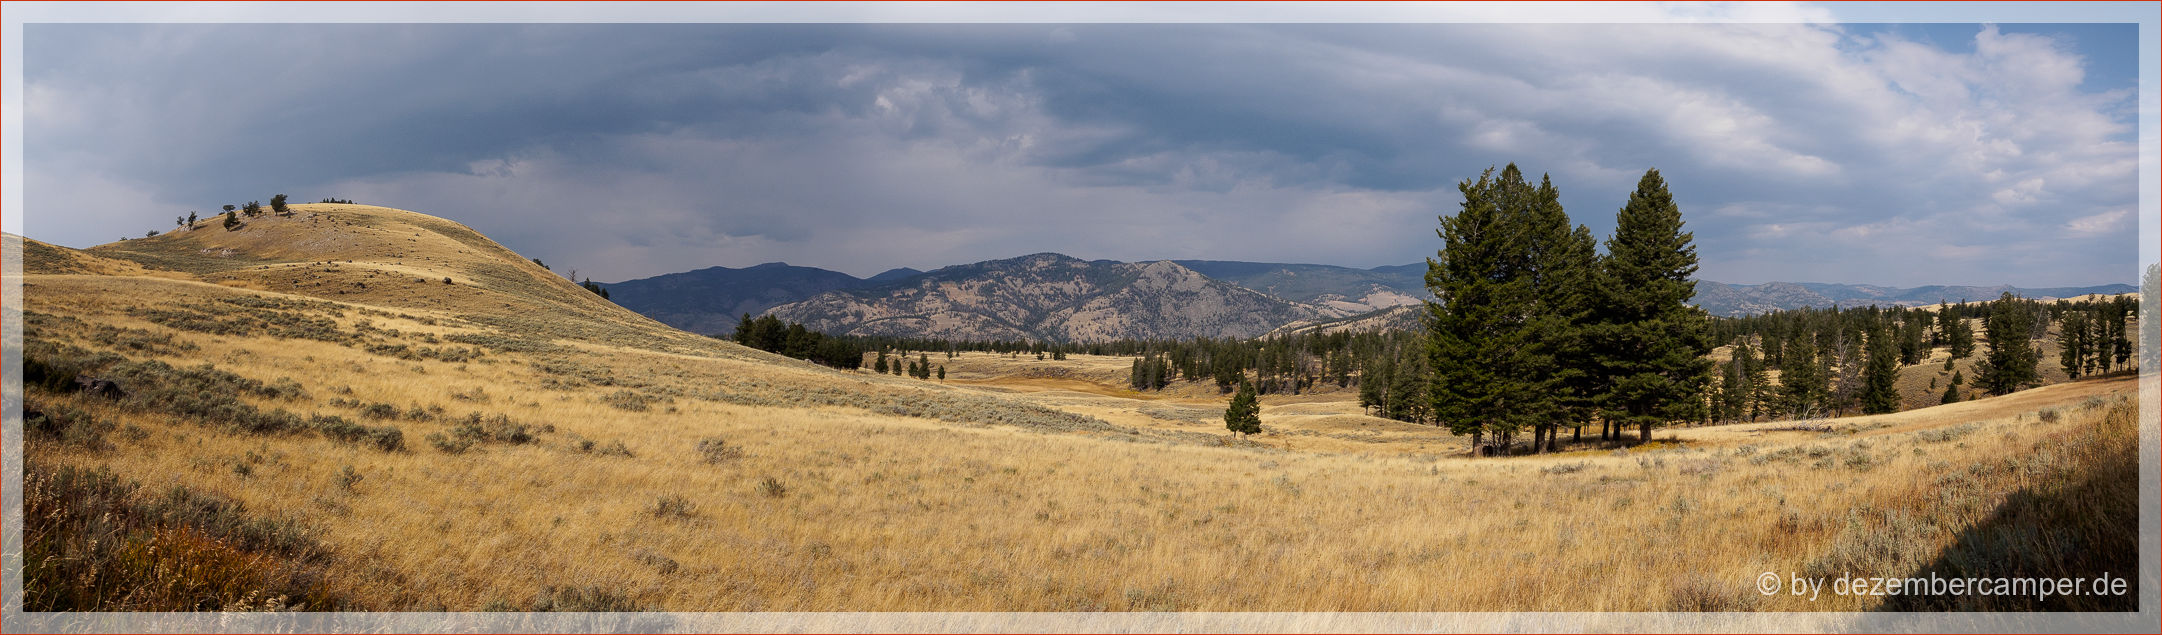 Yellowstone NP - es zieht sich sehr zu